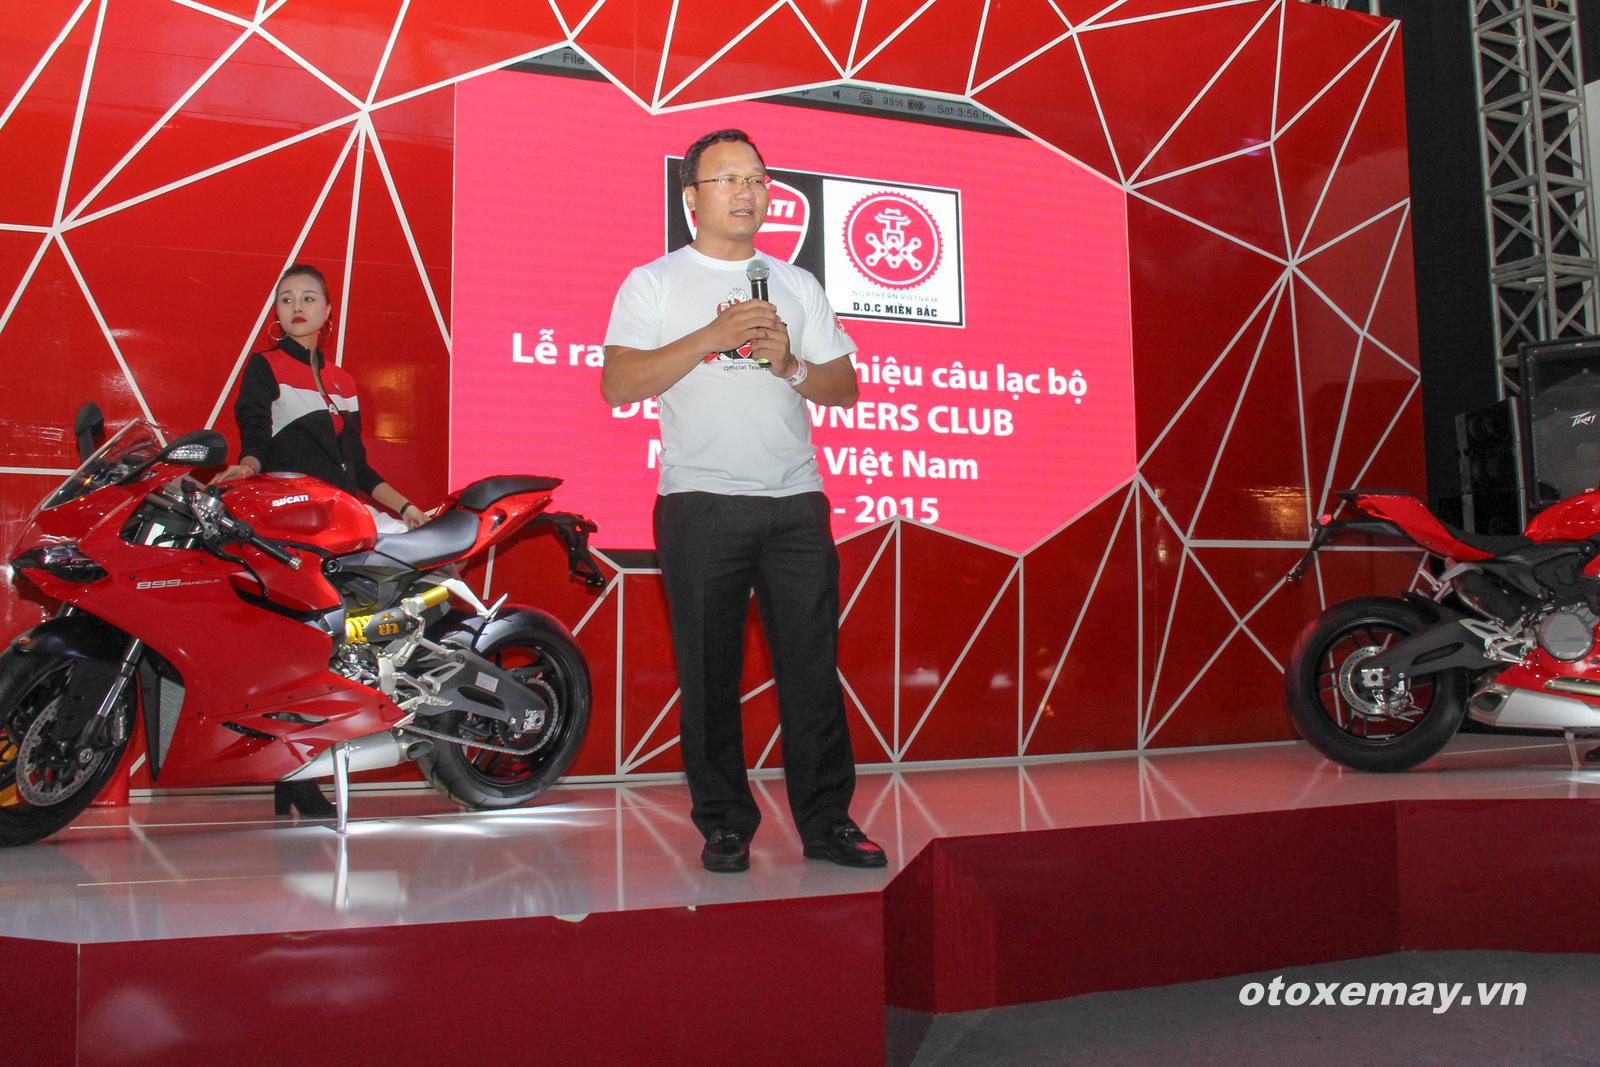 DOC Mien Bac chinh thuc nhap hoi Ducatisti the gioi - 5